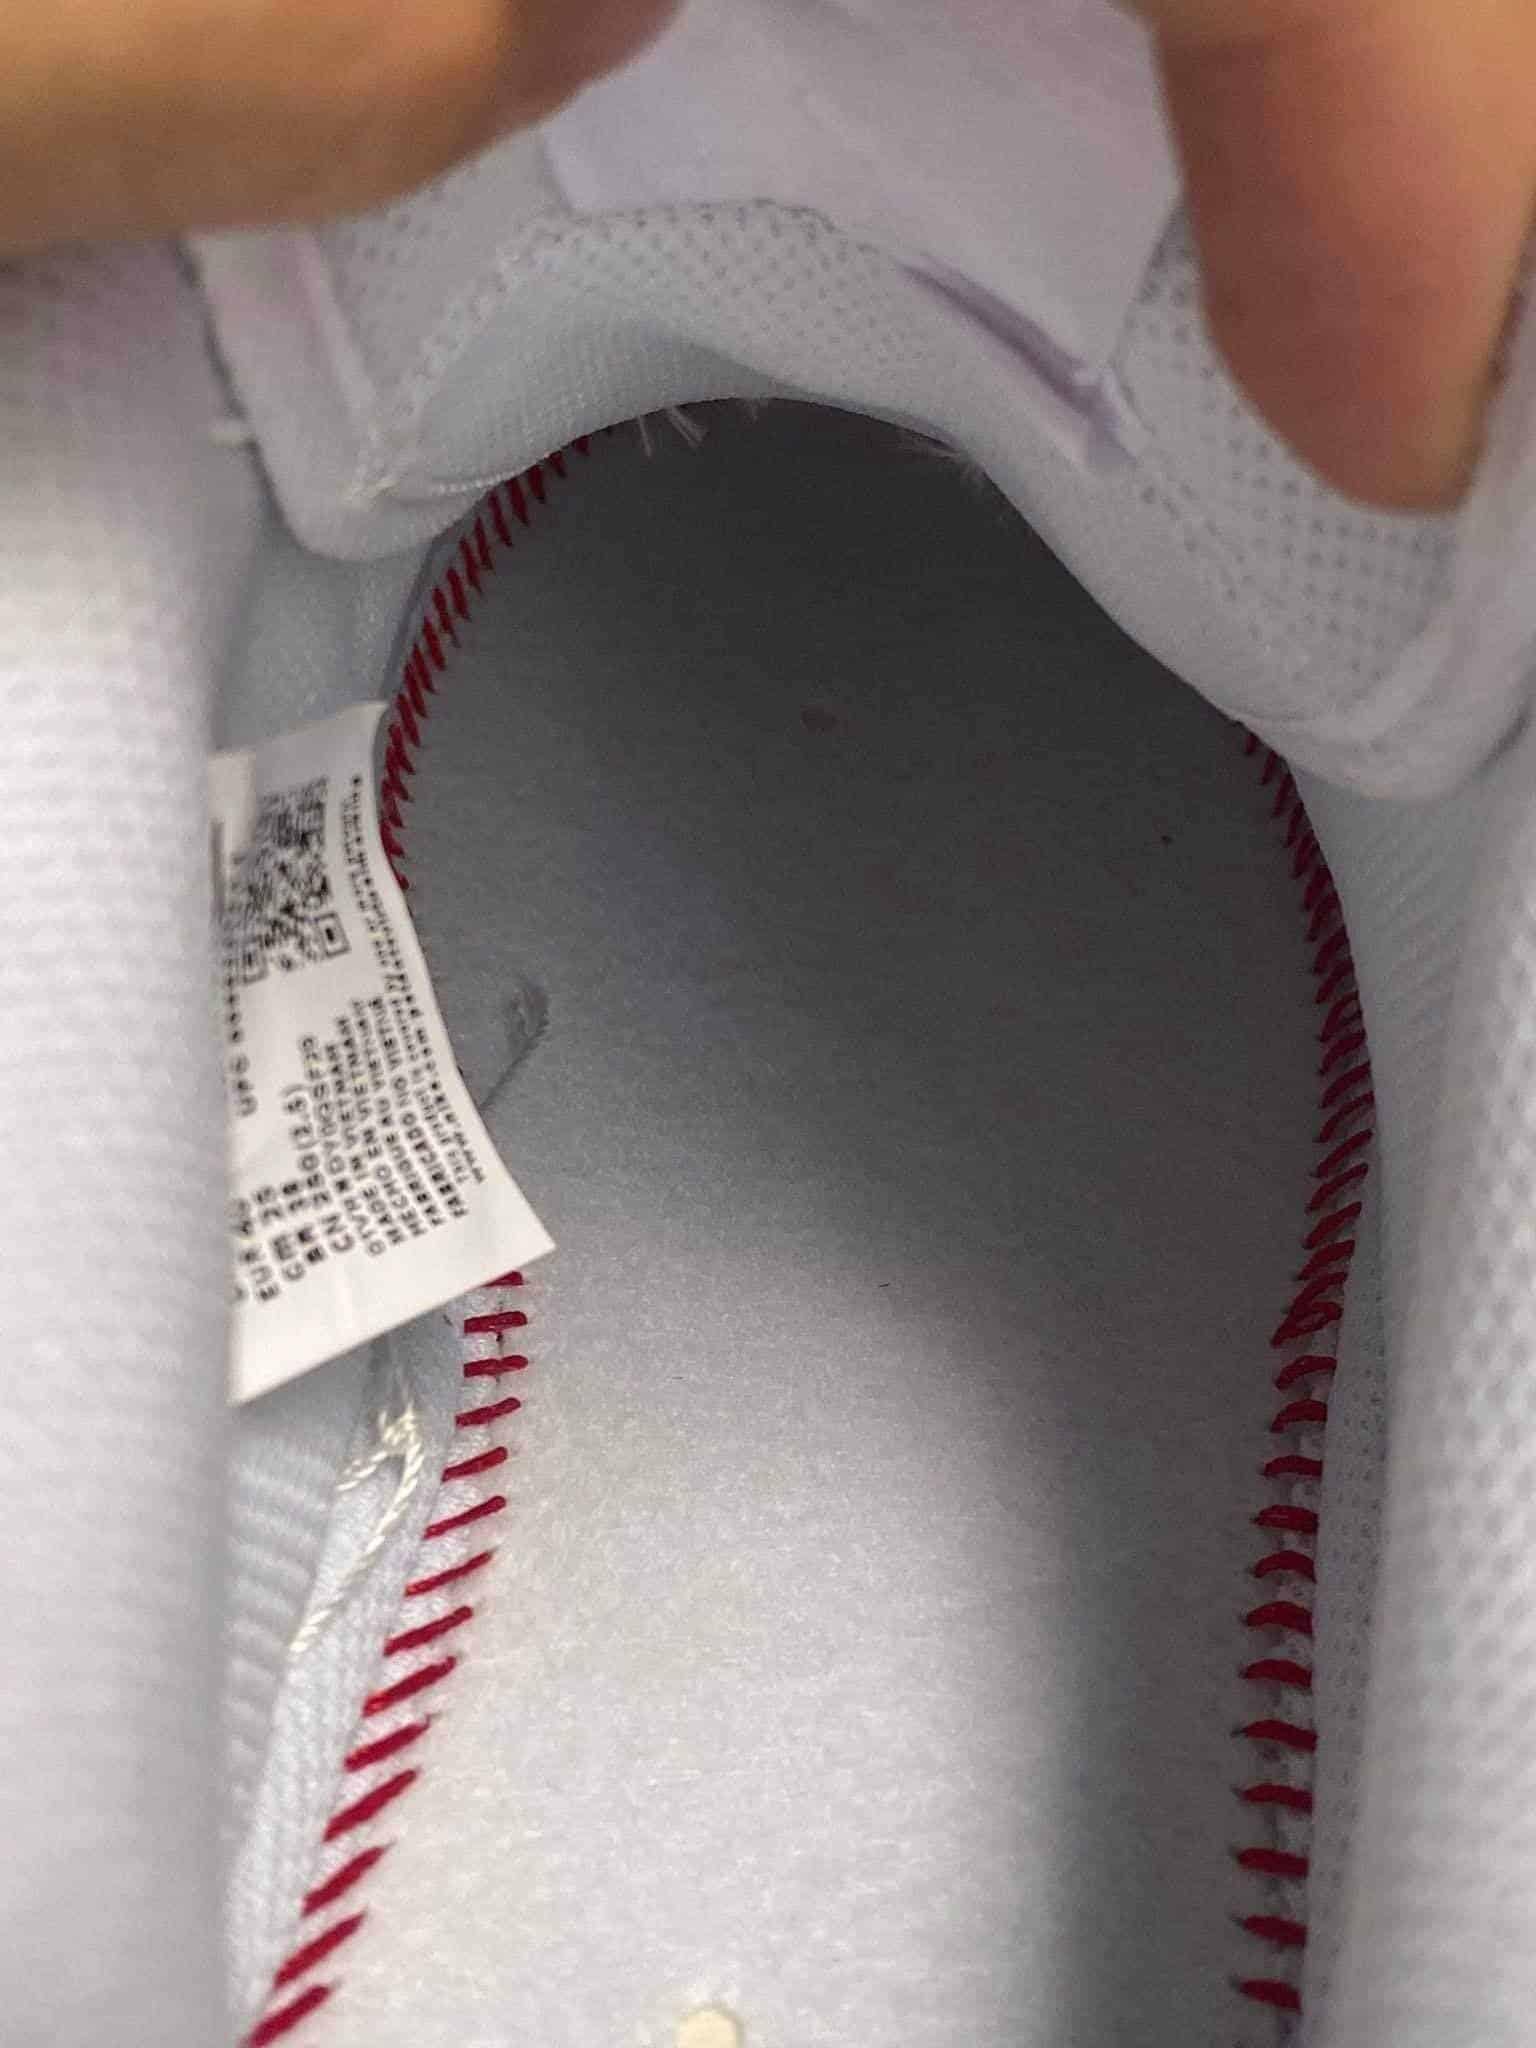 Nike Air Force 1 Trắng rep 1:1 giúp bạn thêm tự tin khoe cá tính vì những bước chân nhẹ và êm